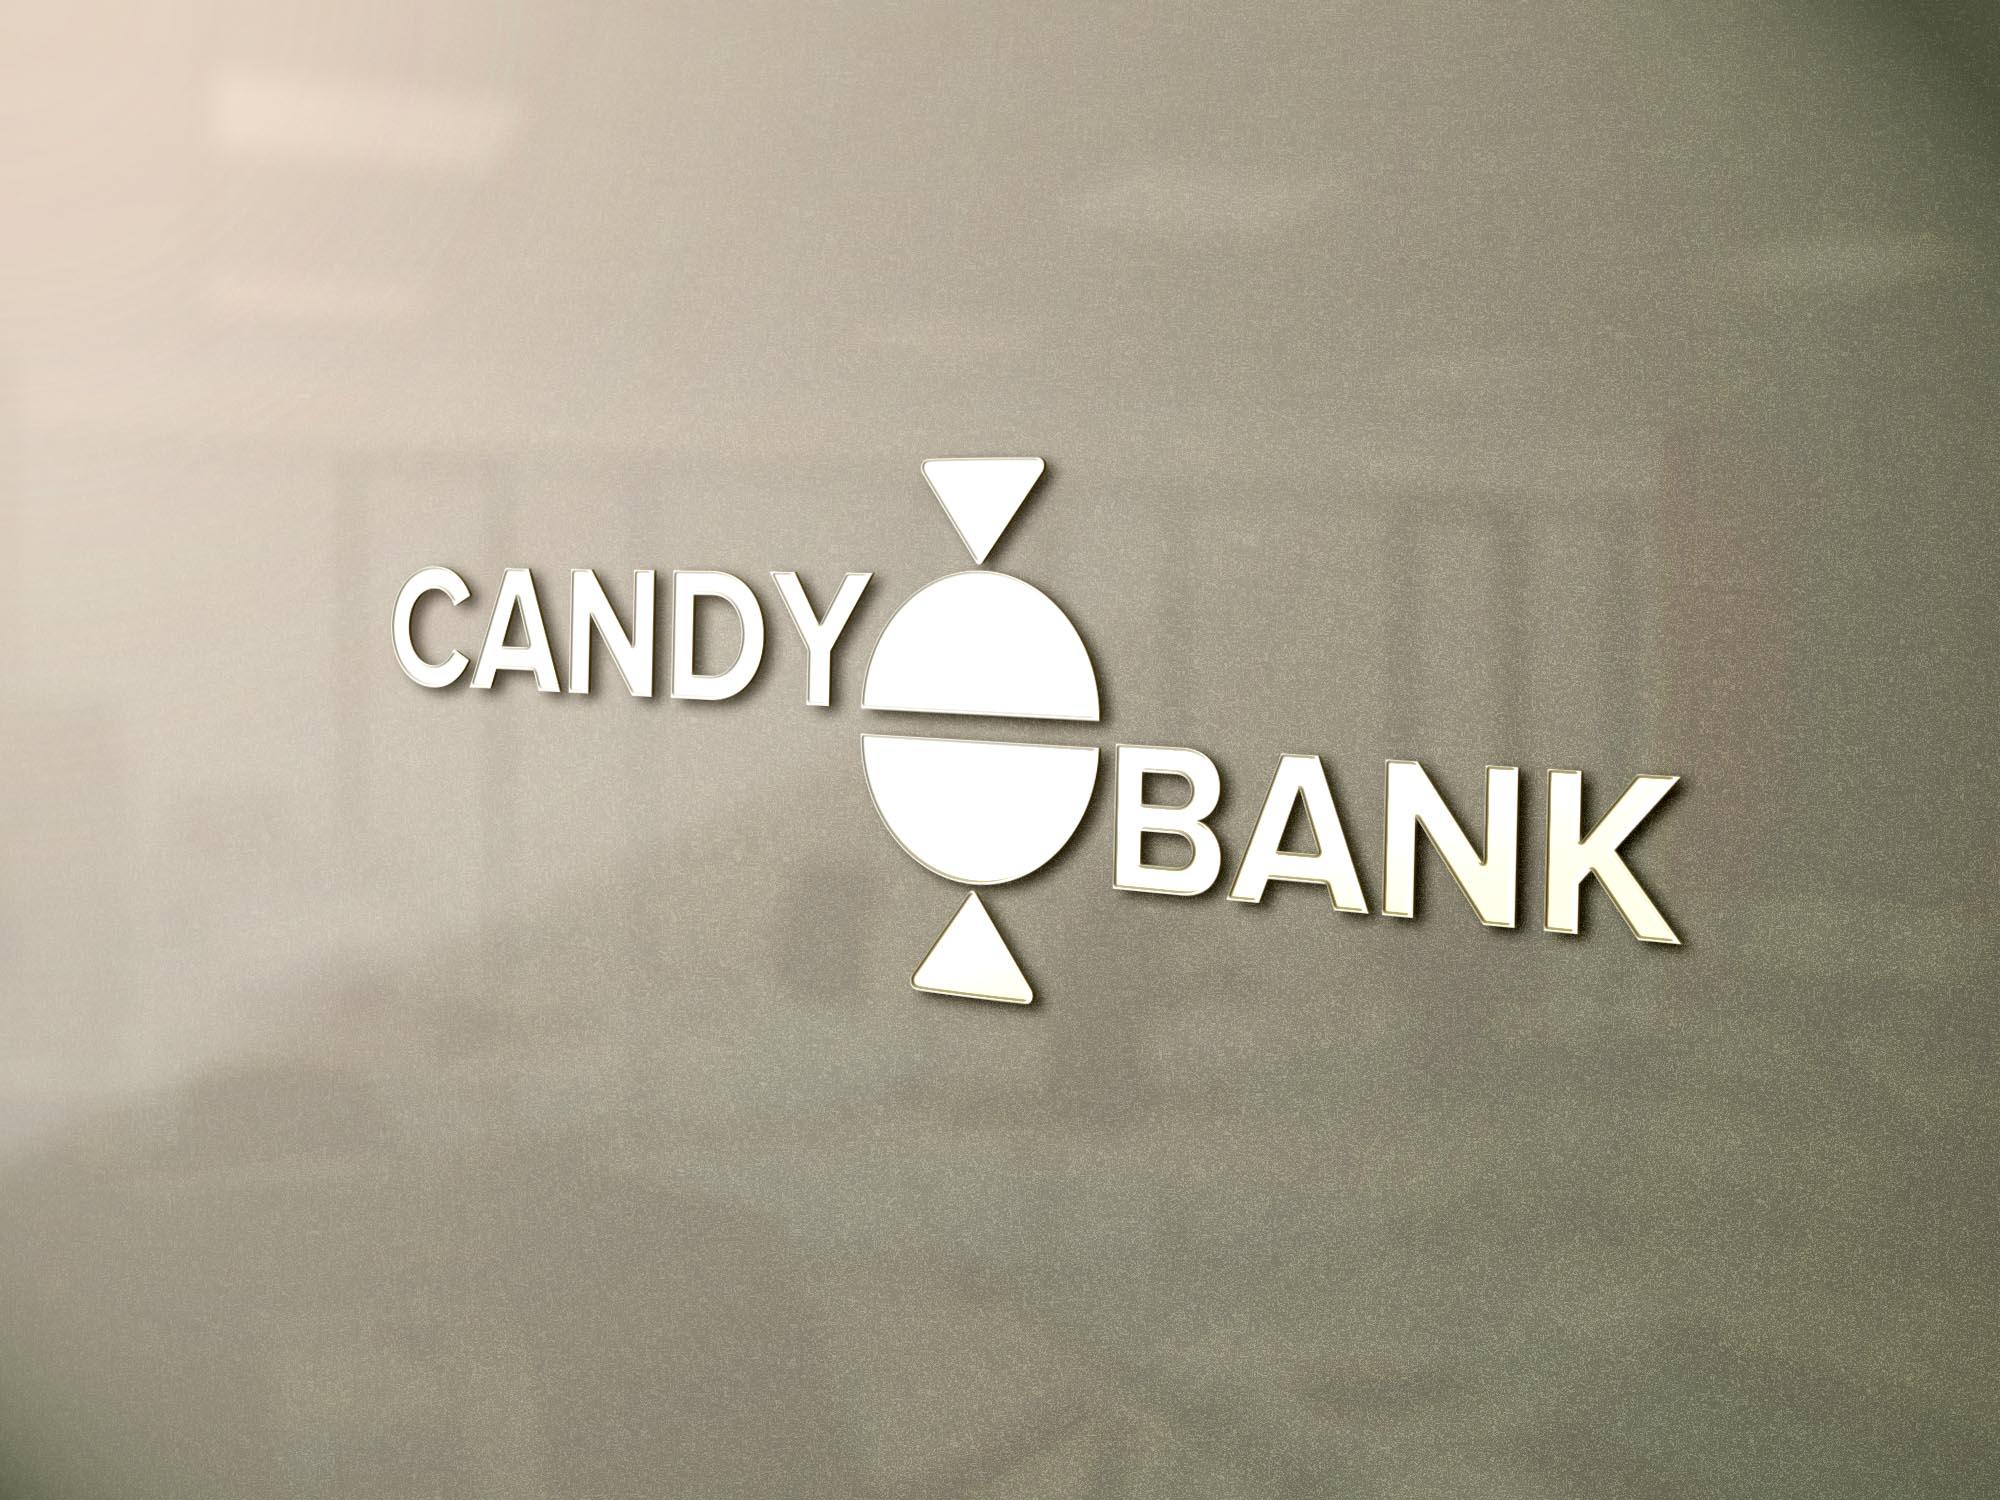 Логотип для международного банка фото f_2275d6edeebd8848.jpg